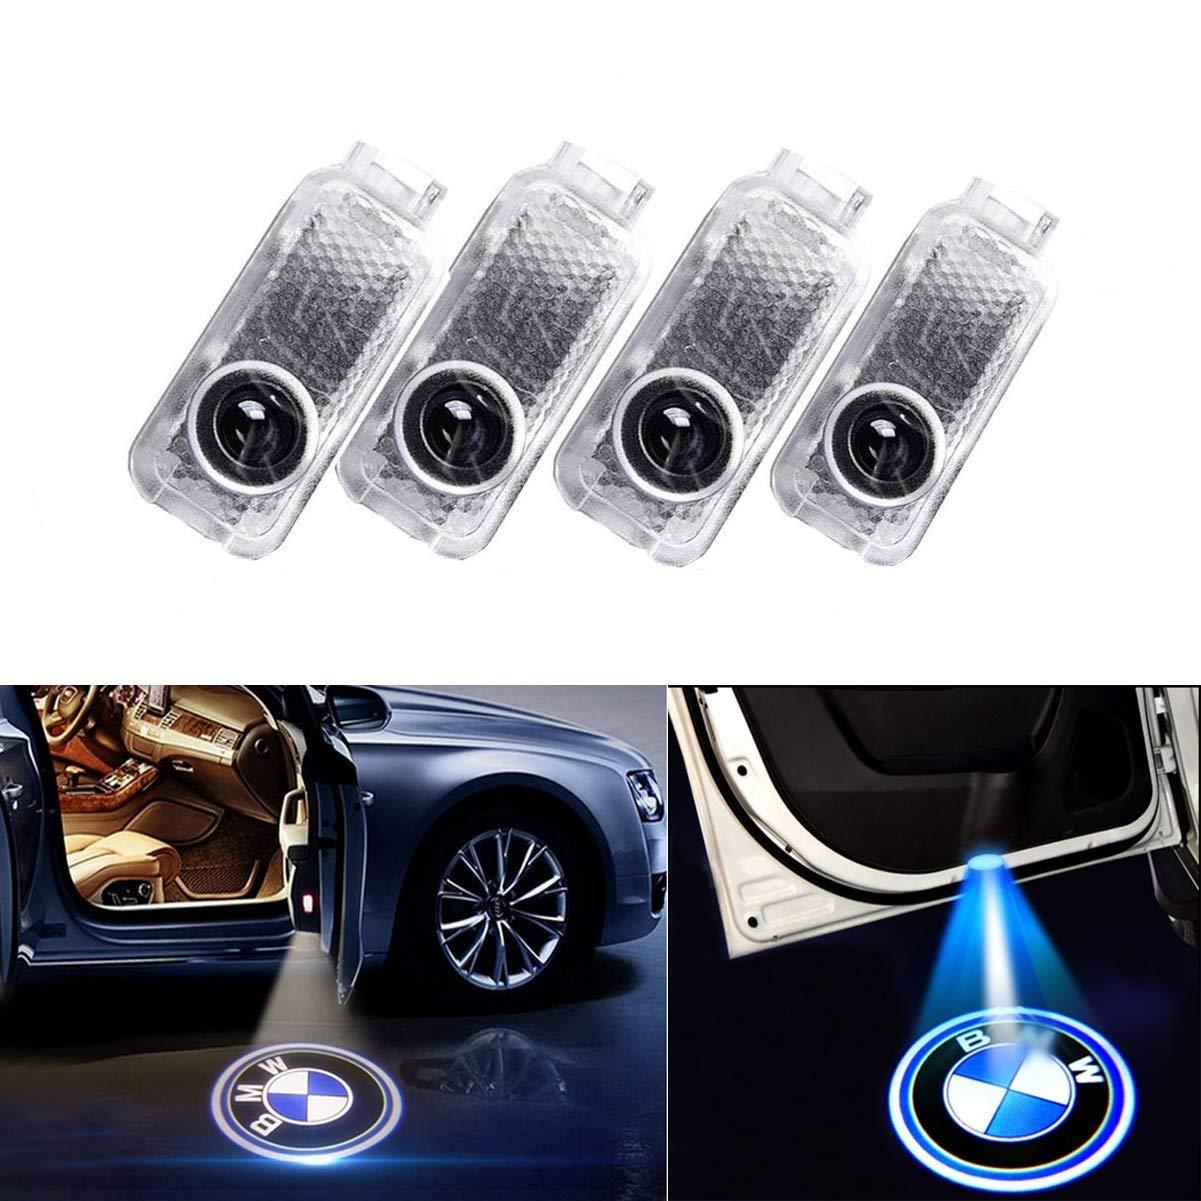 Luci per porte auto LED,Luce per porta auto Logo Light,di 3D Car Light Entry illuminazione lampada del proiettore di benvenuto Logo Light 4 pezzi AD